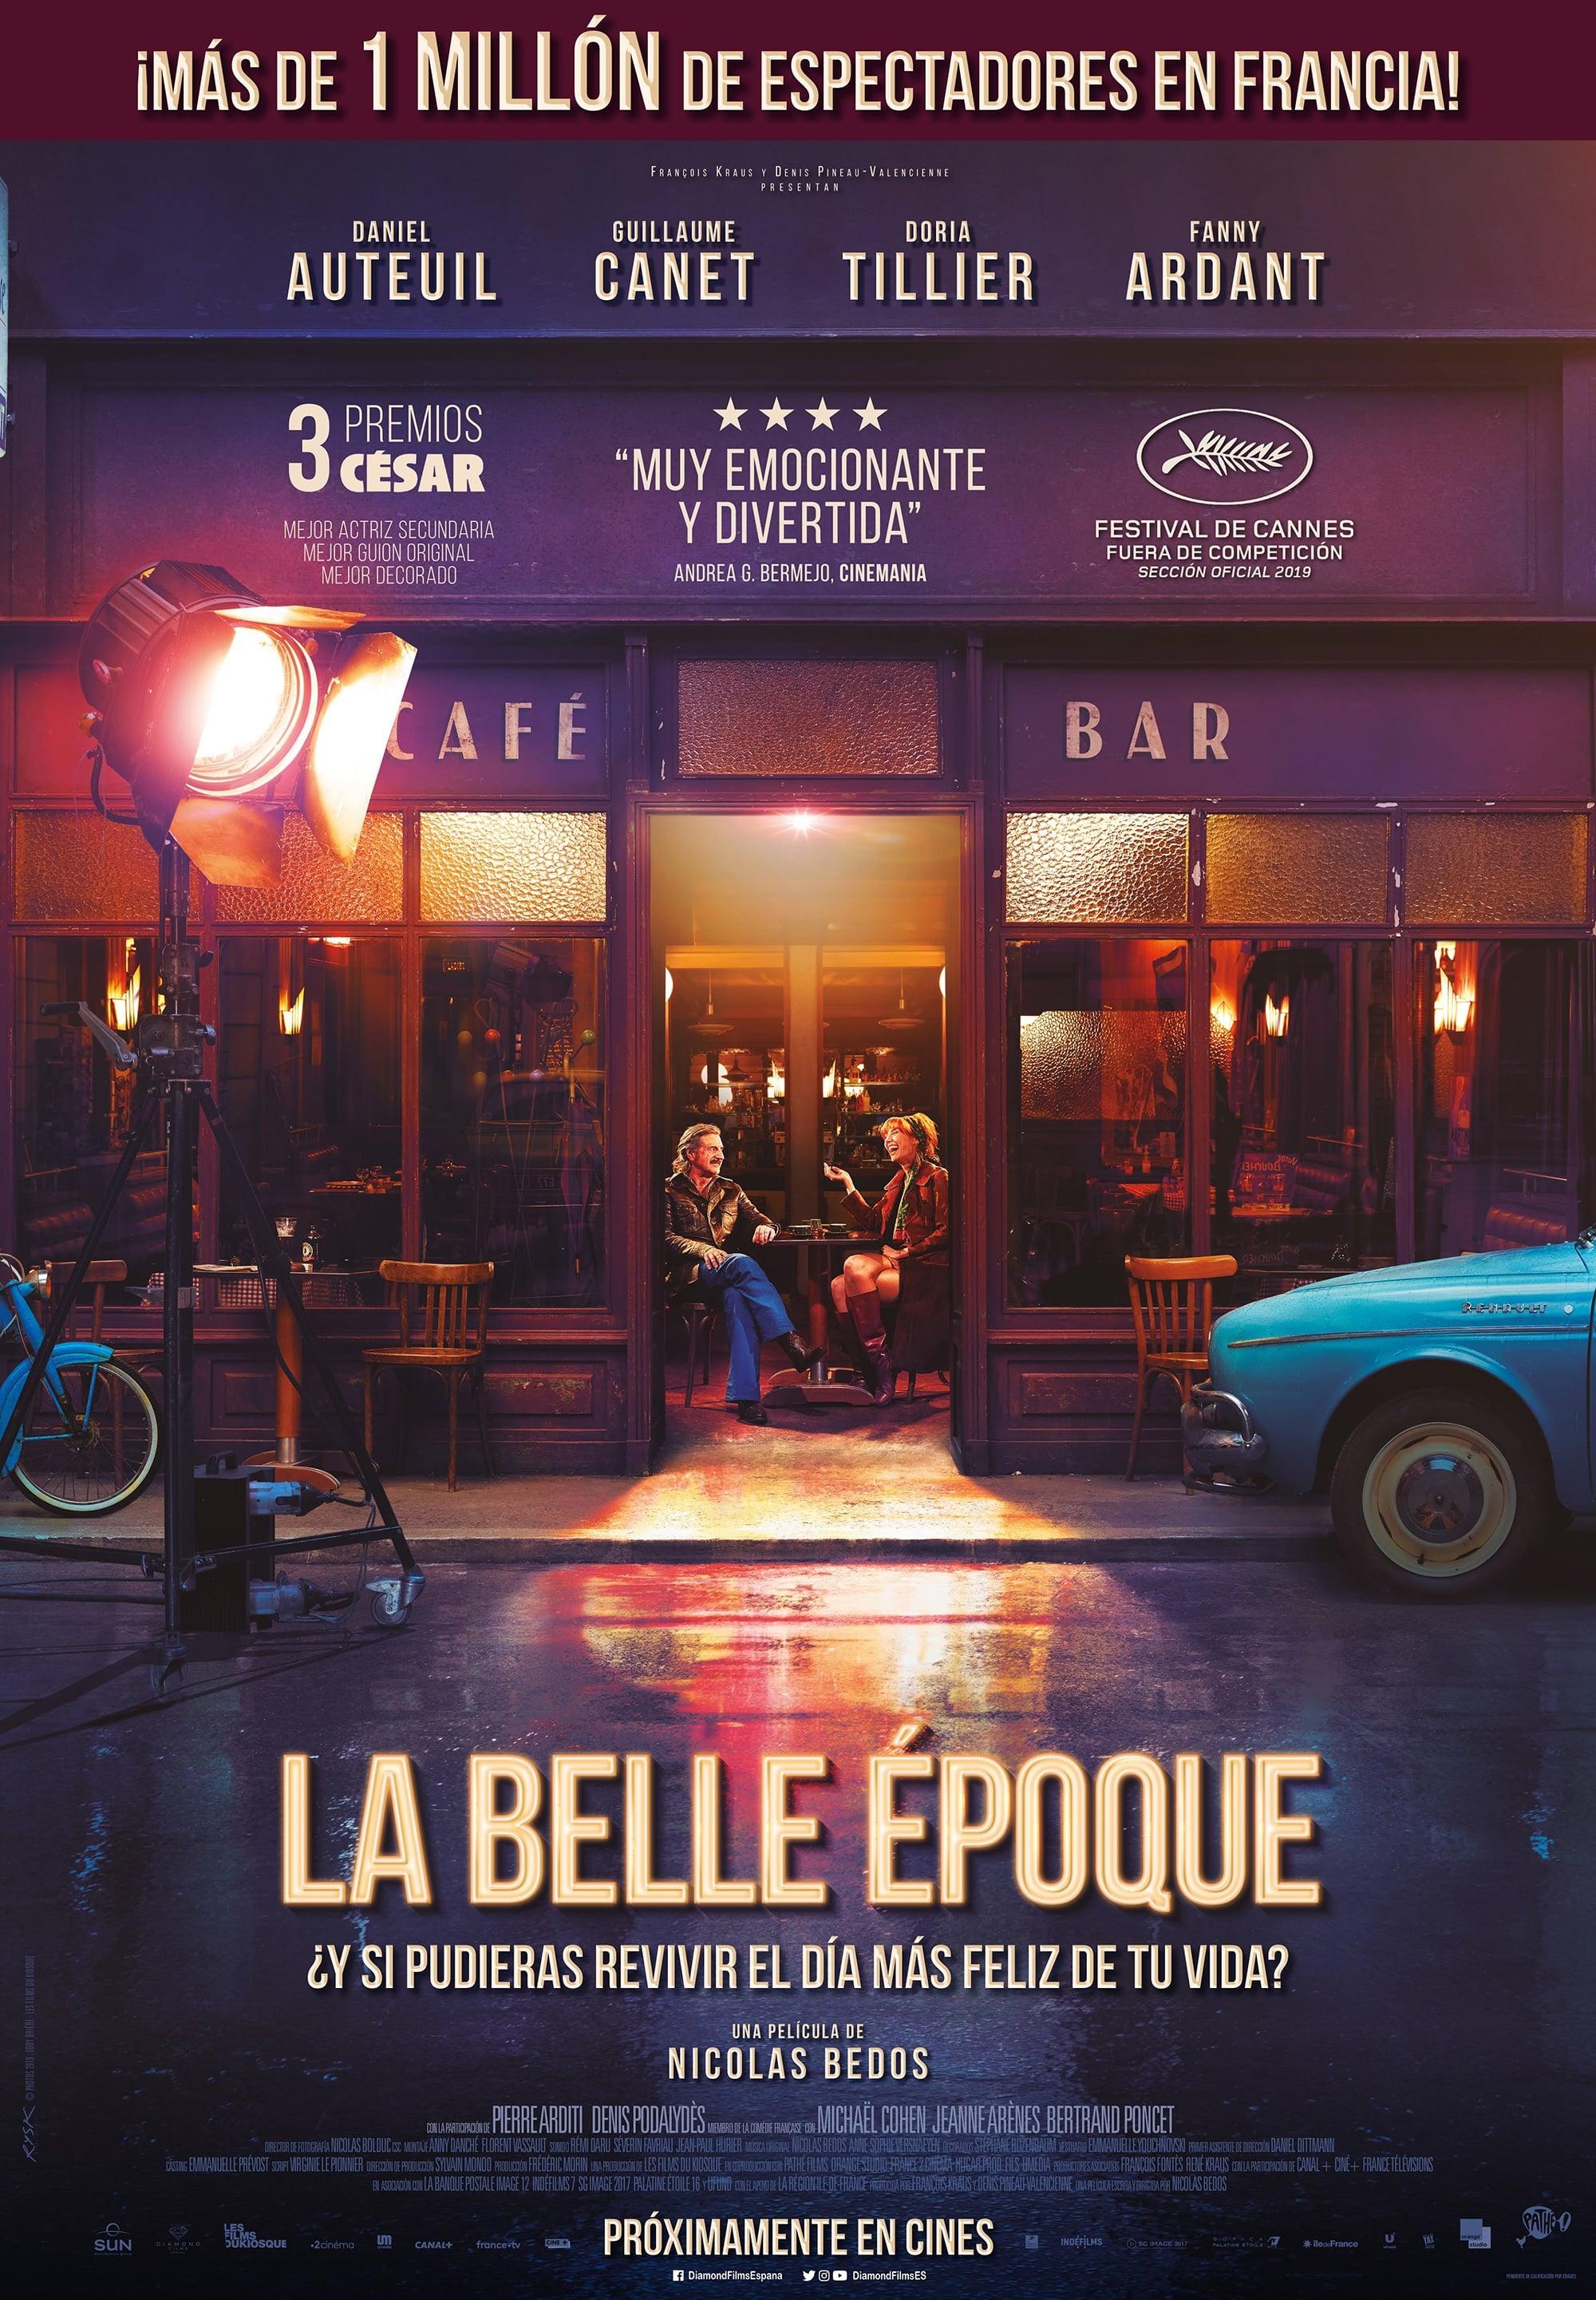 La Belle Époque poster